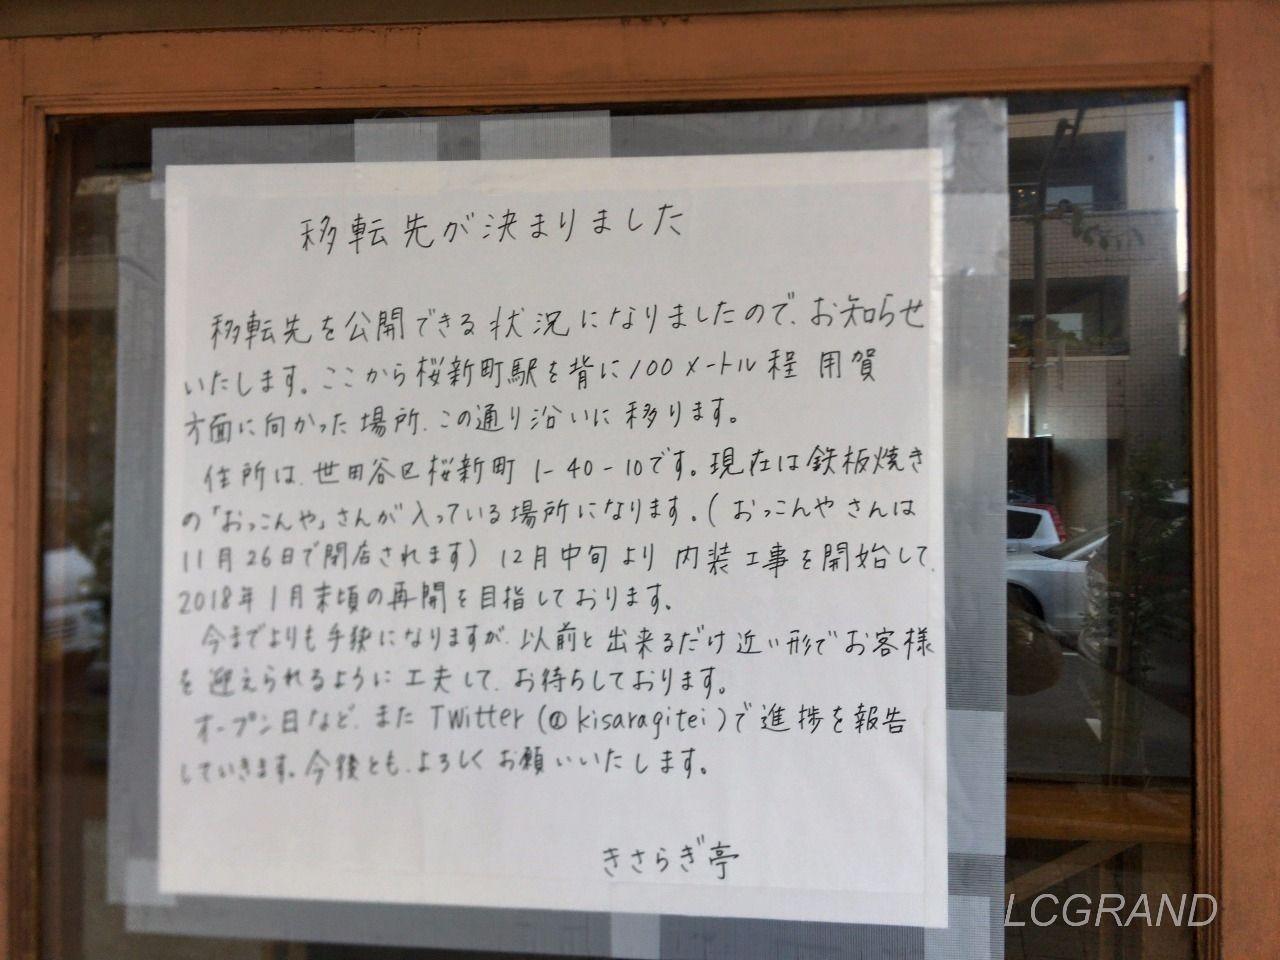 きさらぎ亭のお店の玄関に貼ってある移転先決定のお知らせ